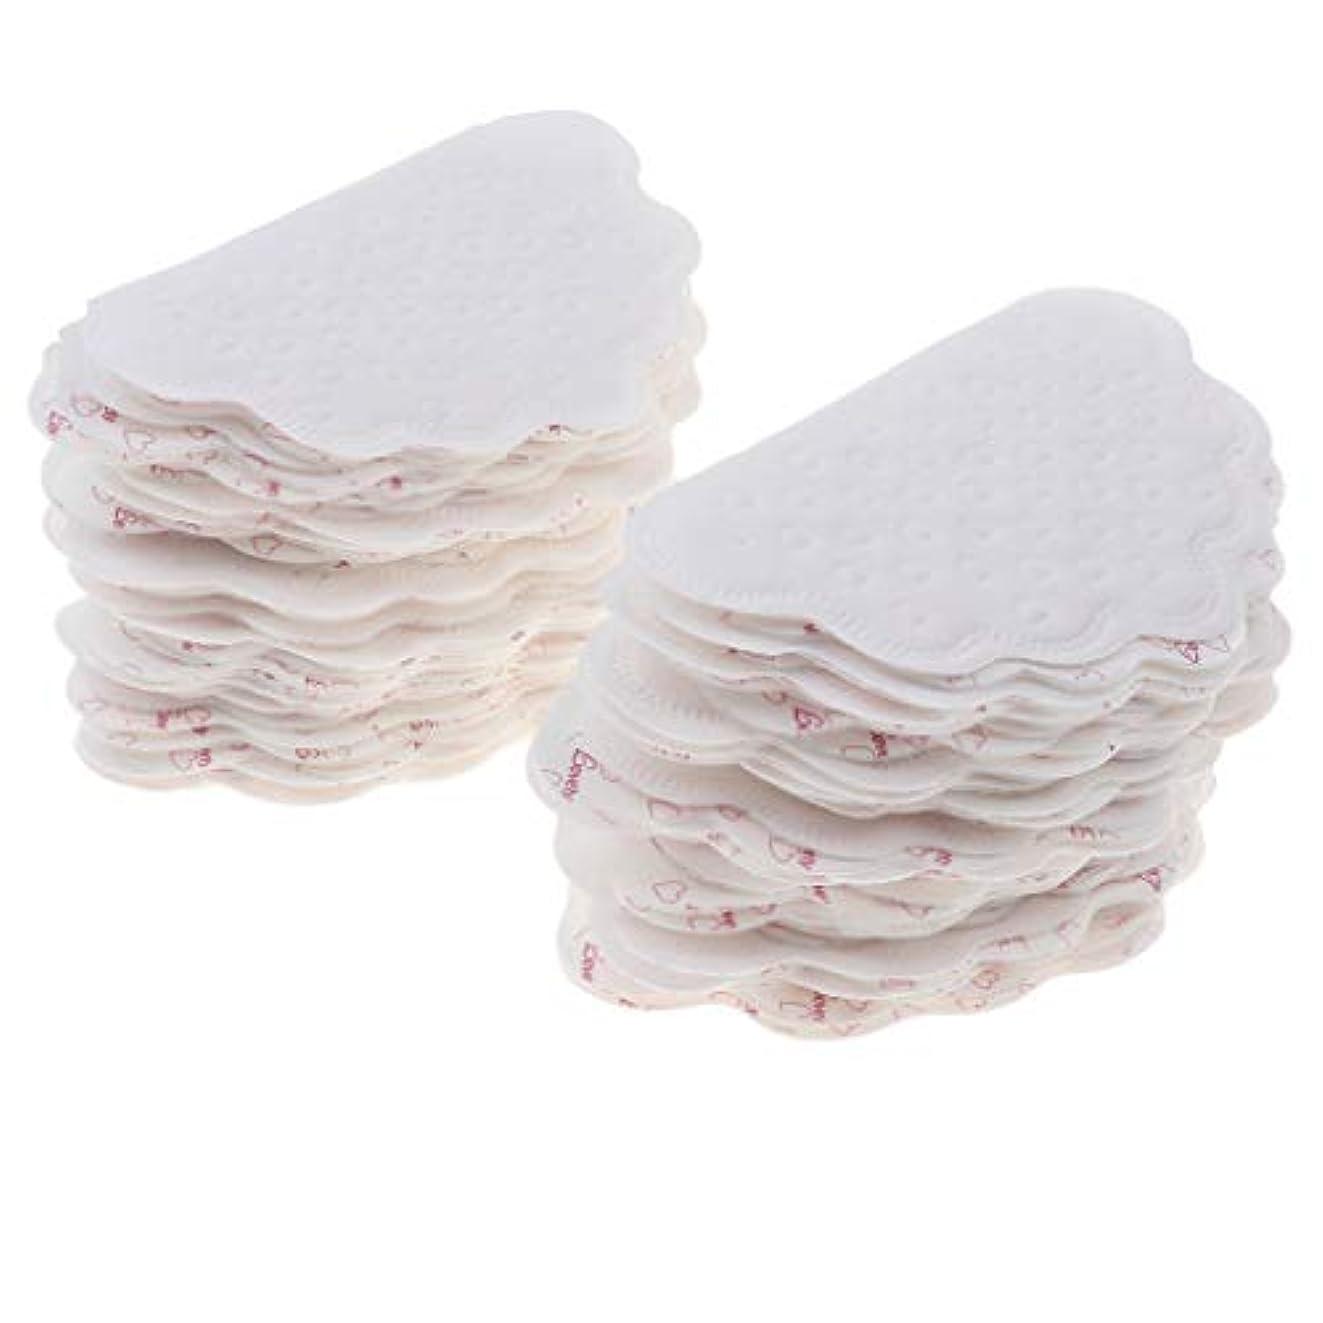 幻想的あご袋sharprepublic 全2色 わき汗パット あせジミ防止 汗取りパット 使い捨て 脇の汗染み防止 男女兼用 ランニング - 白